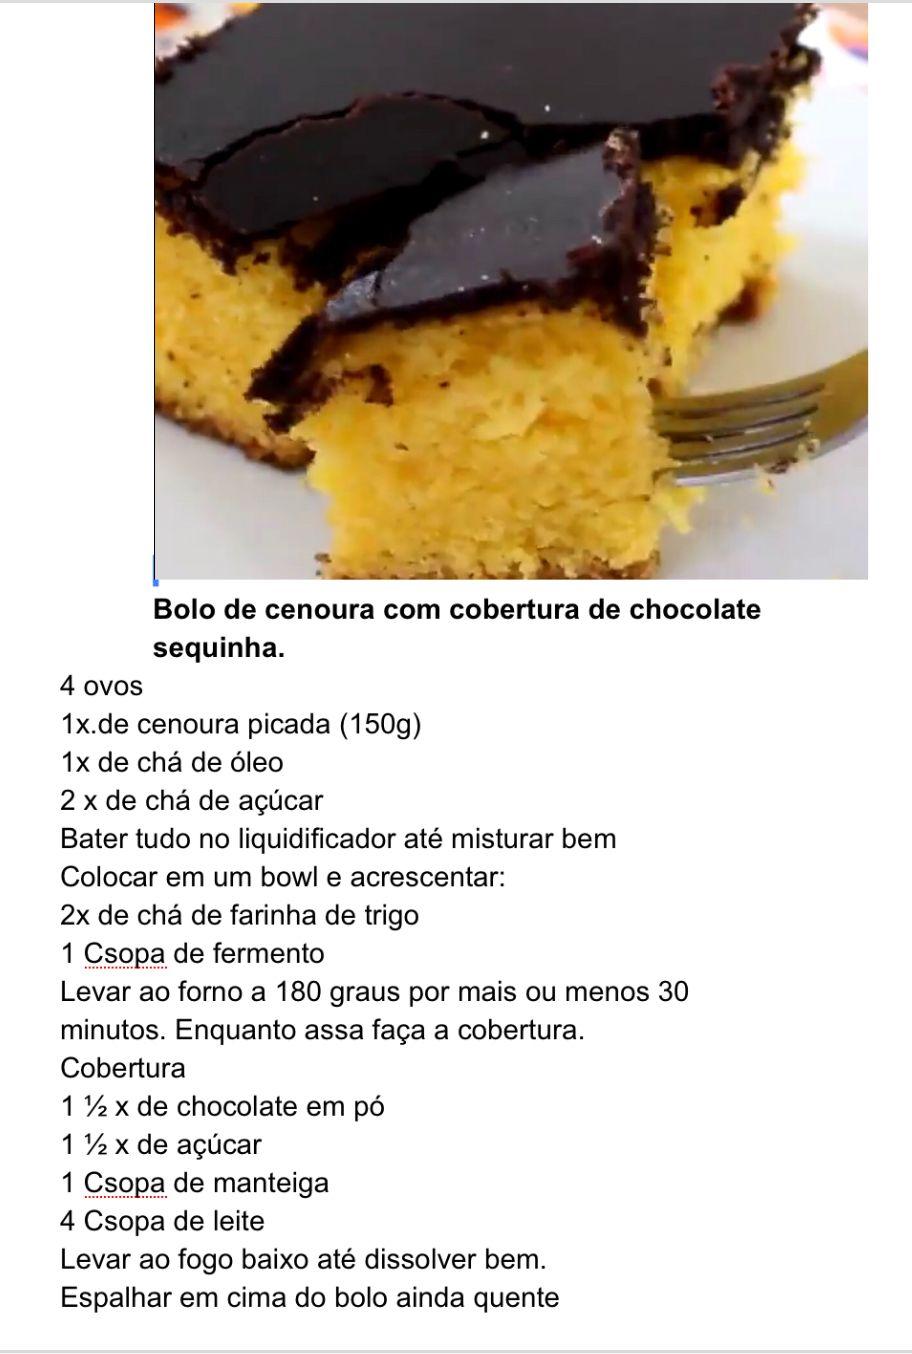 Bolo De Cenoura Com Cobertura Sequinha De Chocolate Receitas